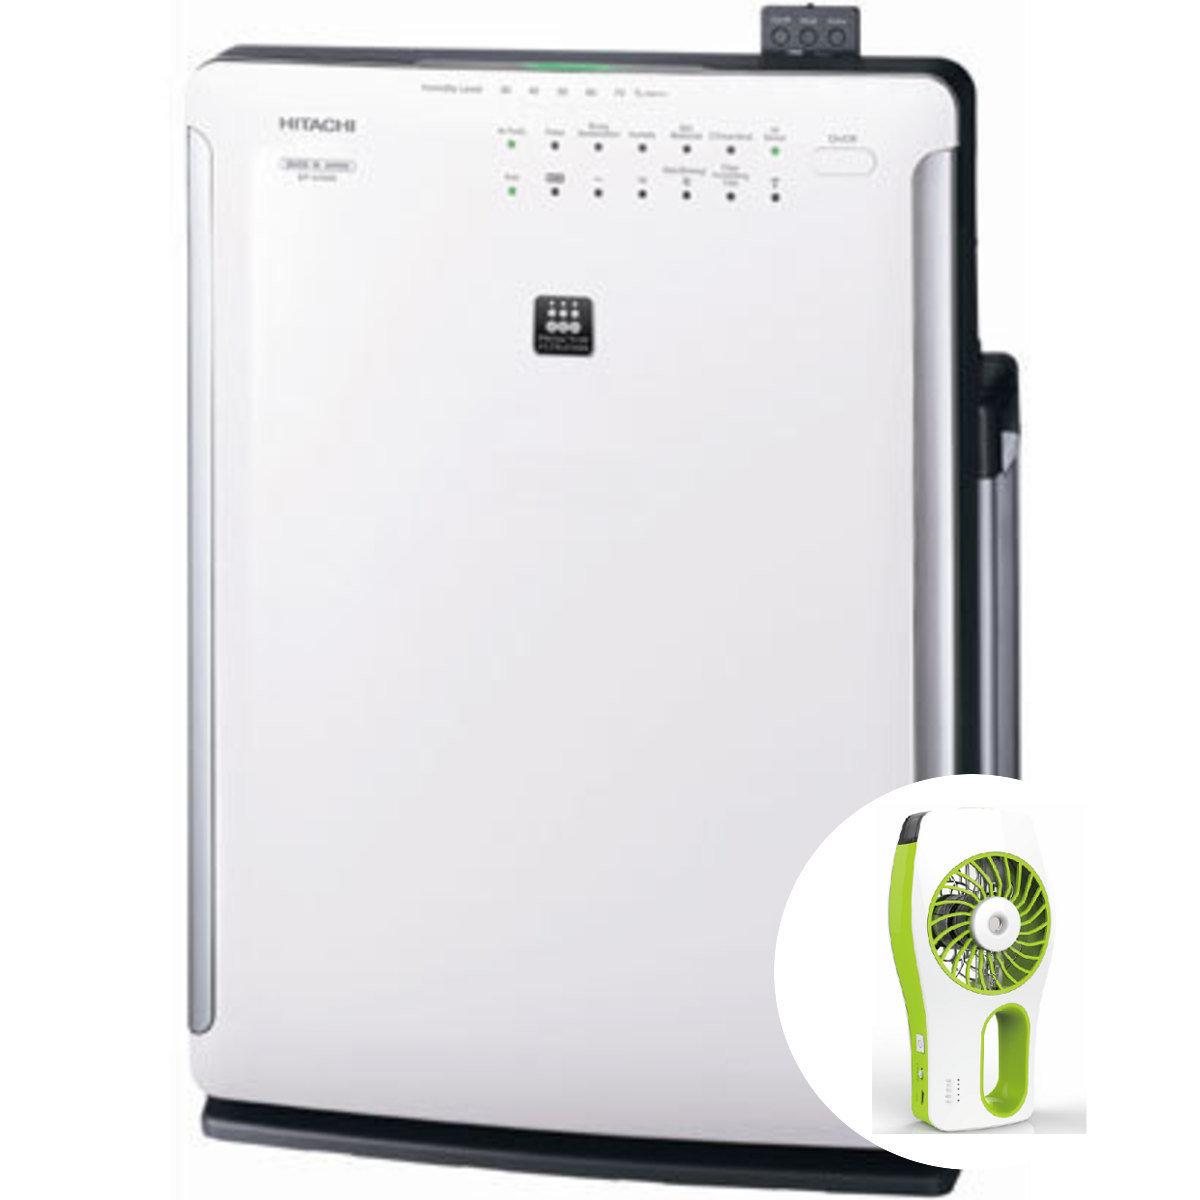 凡購買日立牌日本製造加濕空氣清新機A7送USB充電霧化加濕風扇乙個(名額50個, 送完即止)